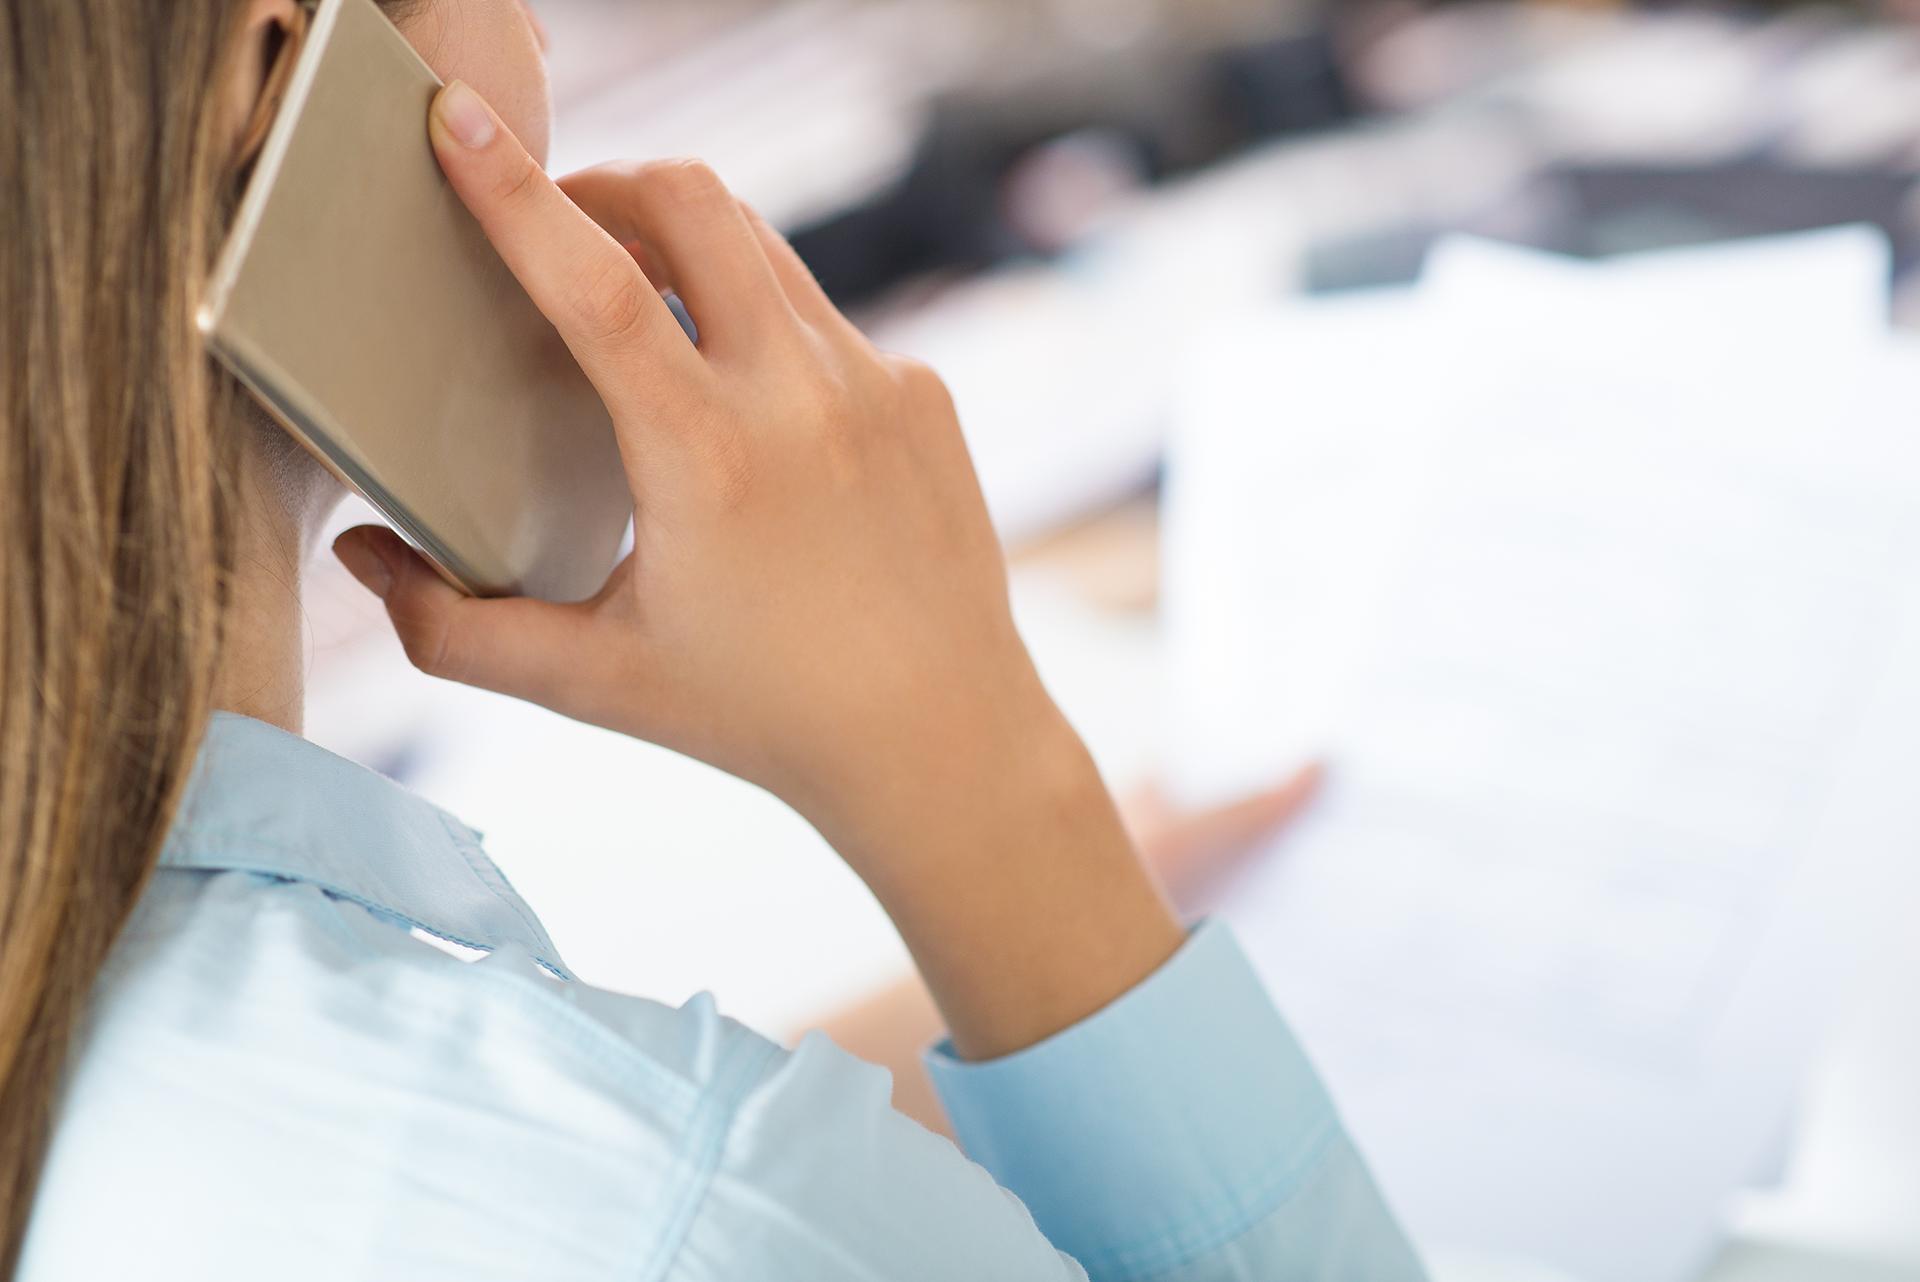 10 minuta bisedë në telefon zvogëlon ndjenjën e vetmisë